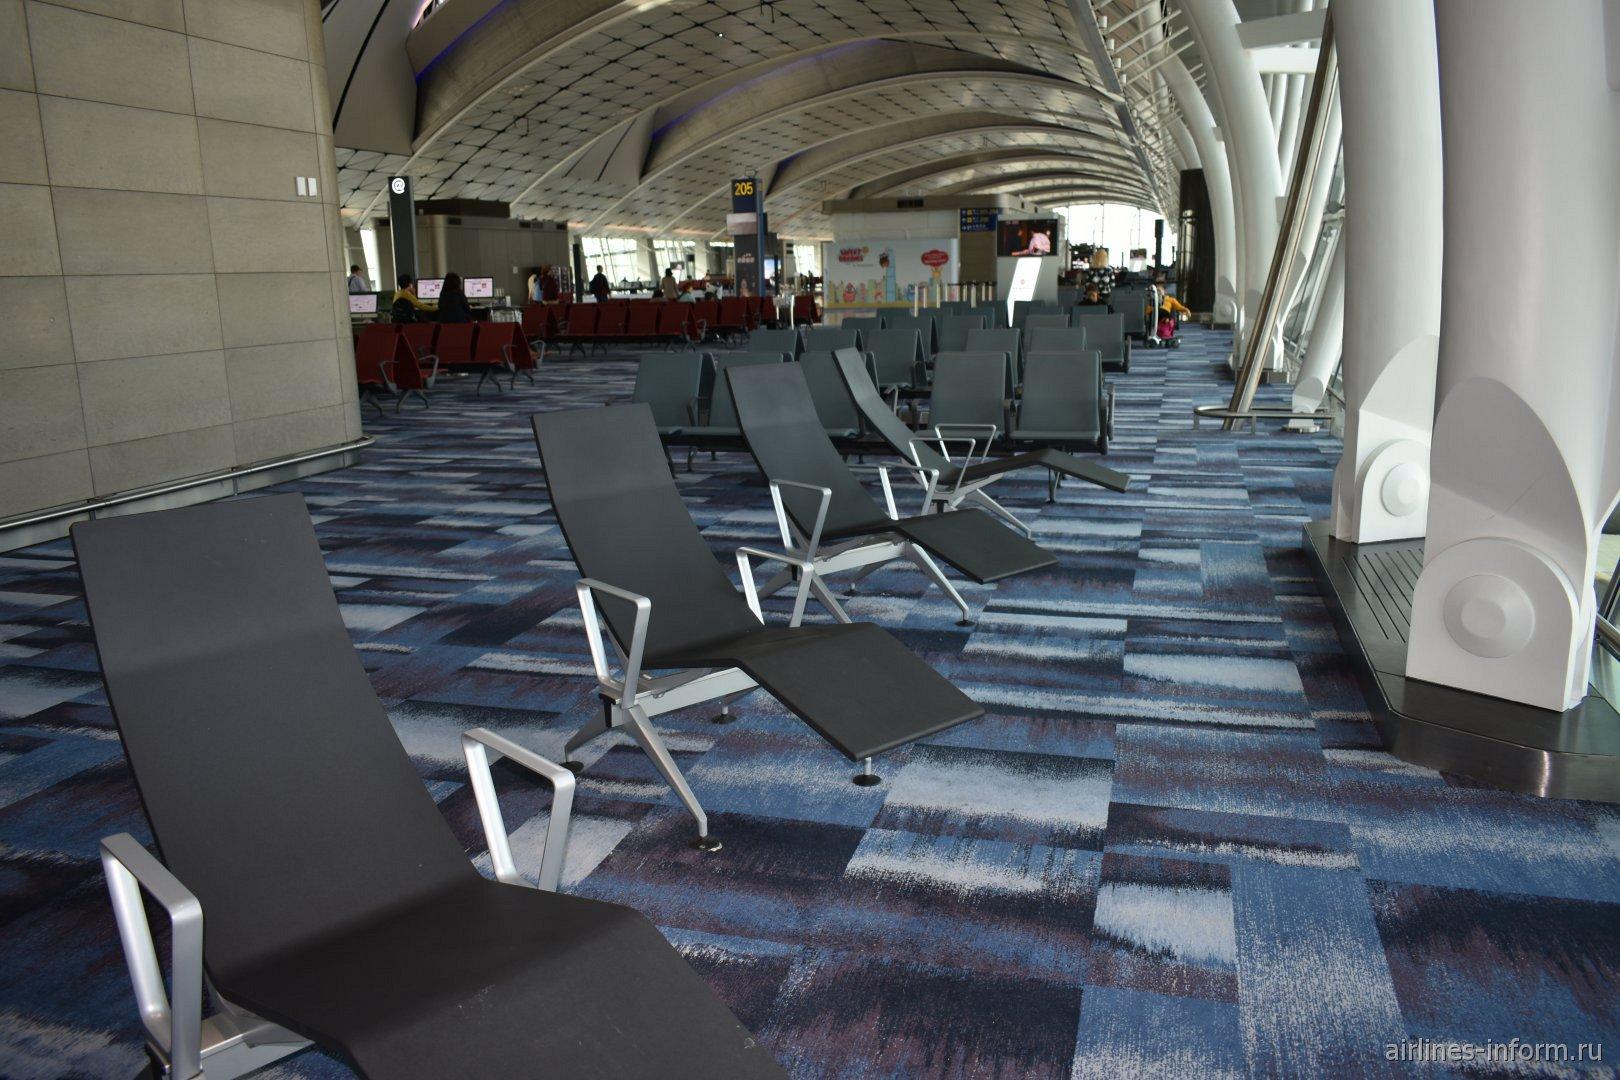 Места для отдыха в Midfield concource аэропорта Гонконг